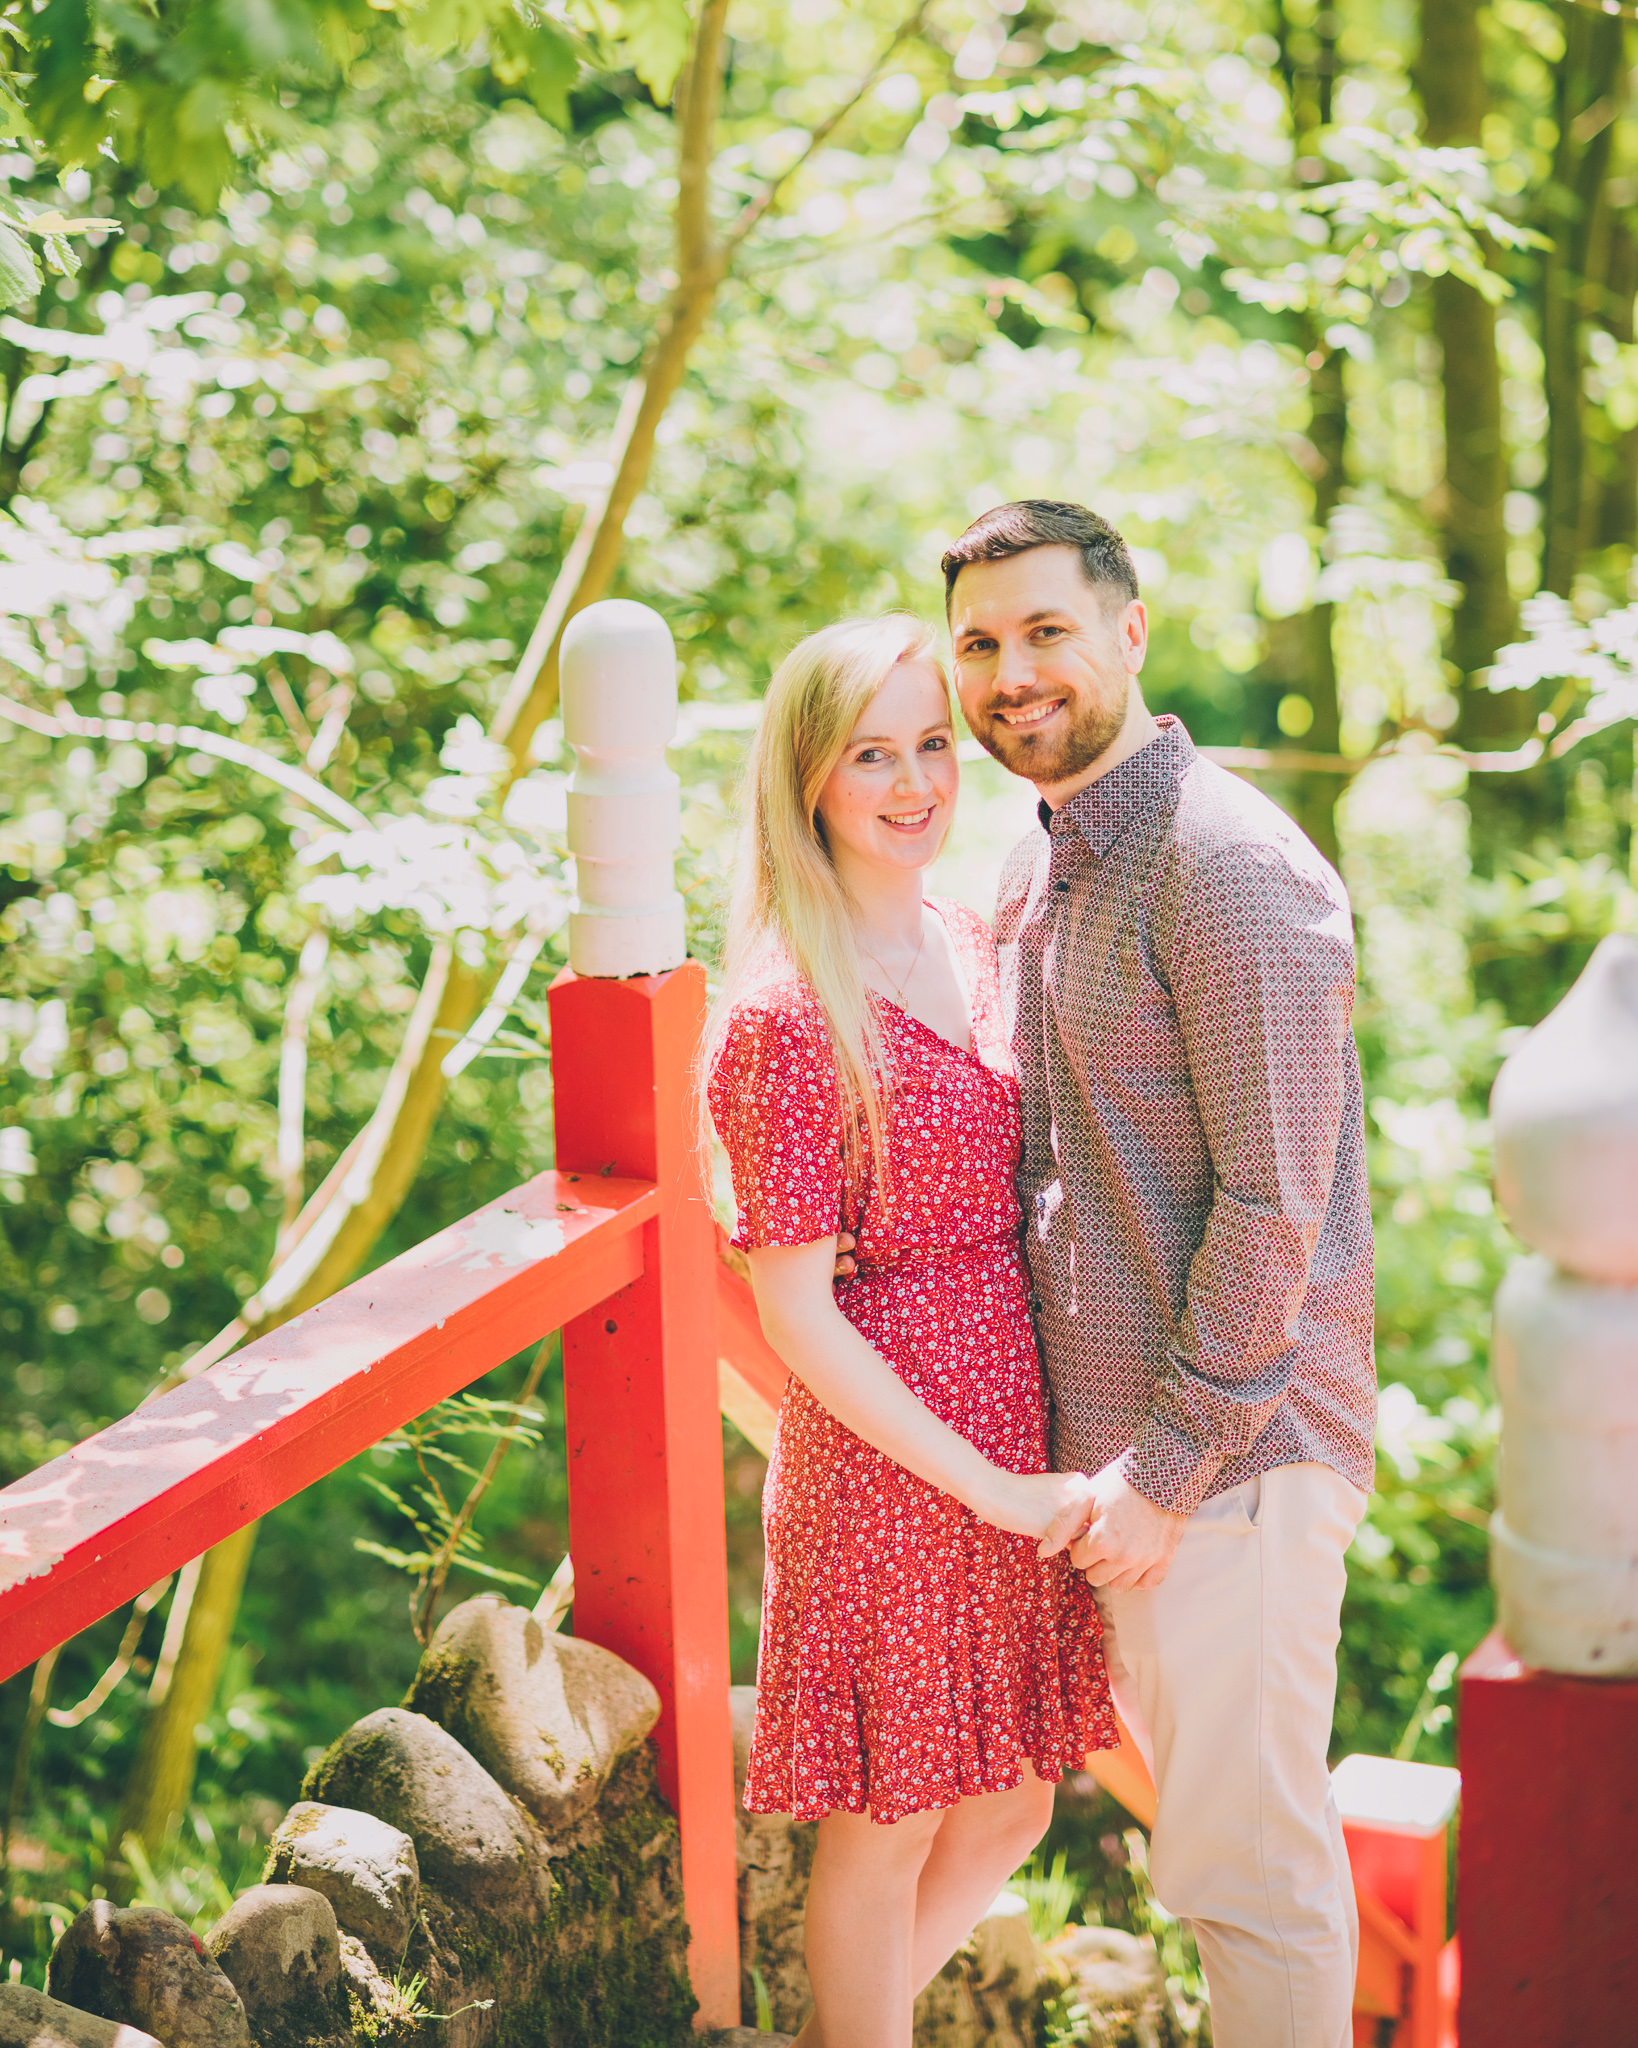 Pre Wedding Photos at Clyne Gardens